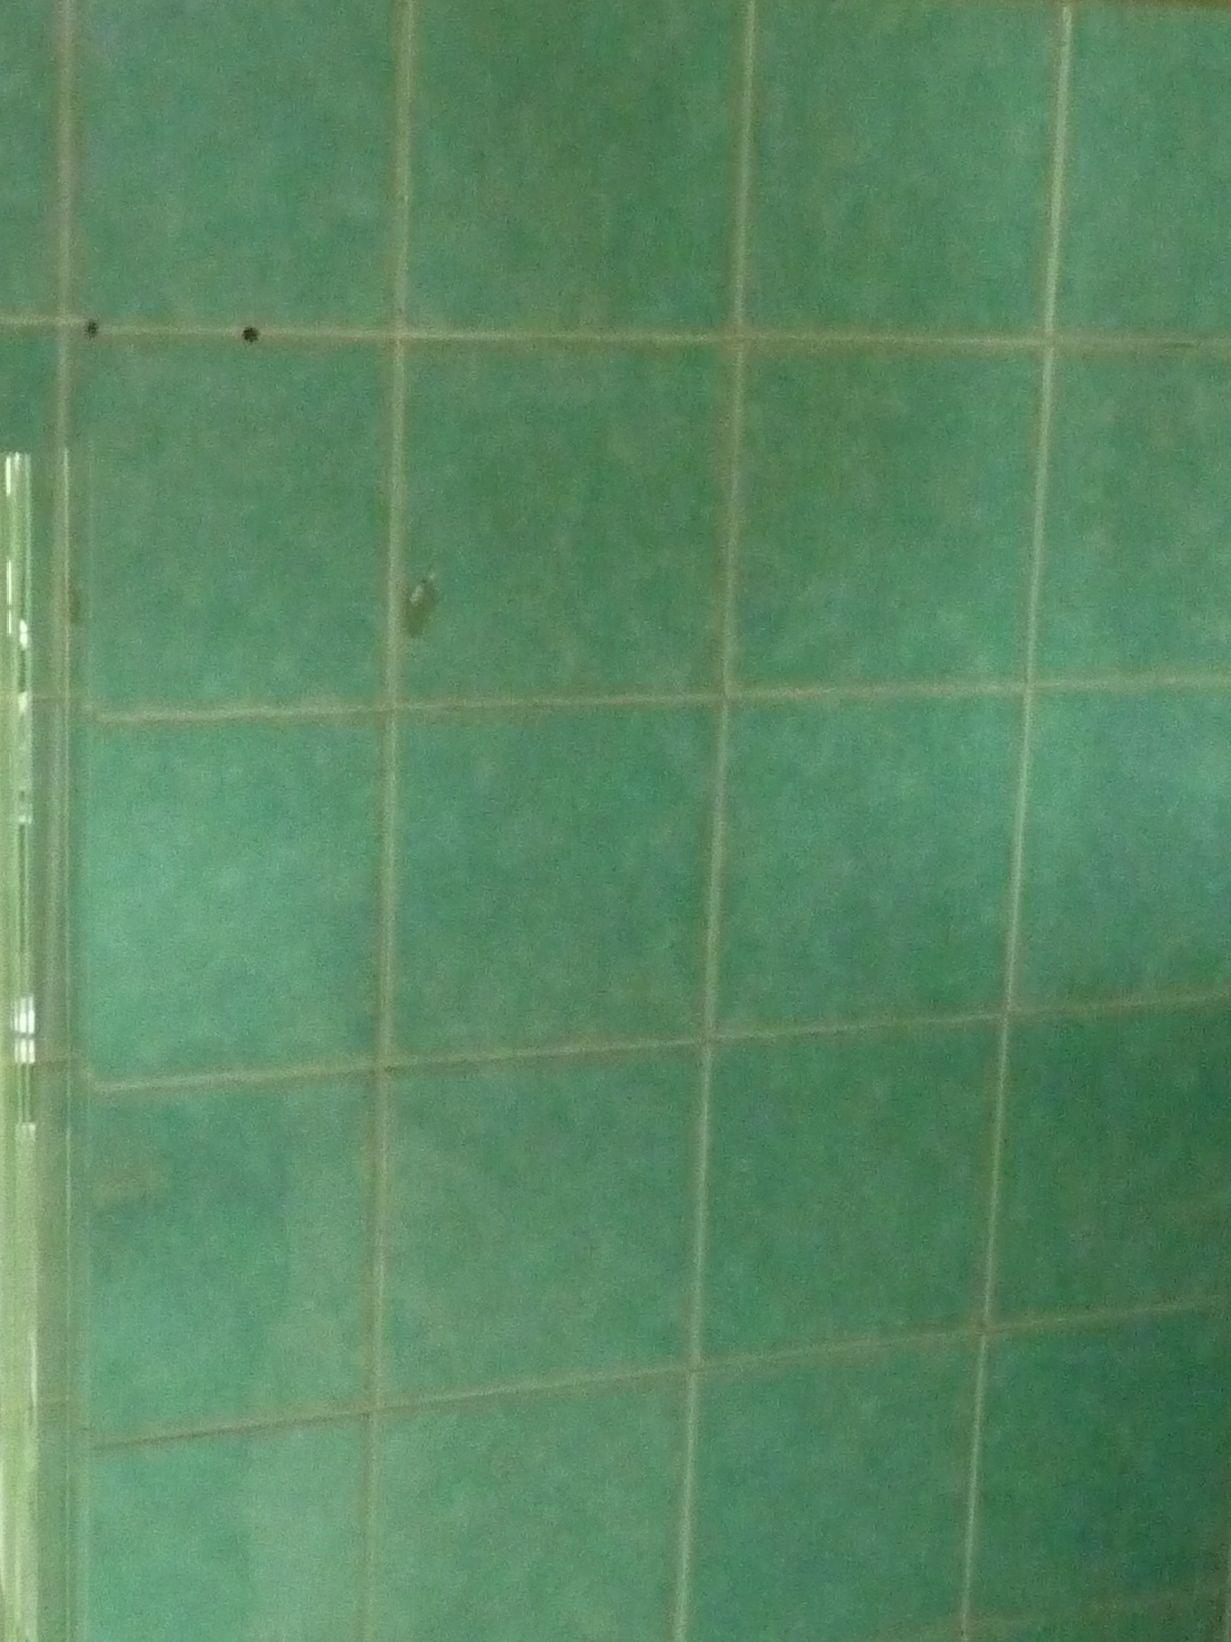 Comment Utiliser Le Vinaigre Blanc Dans Sa Salle De Bain